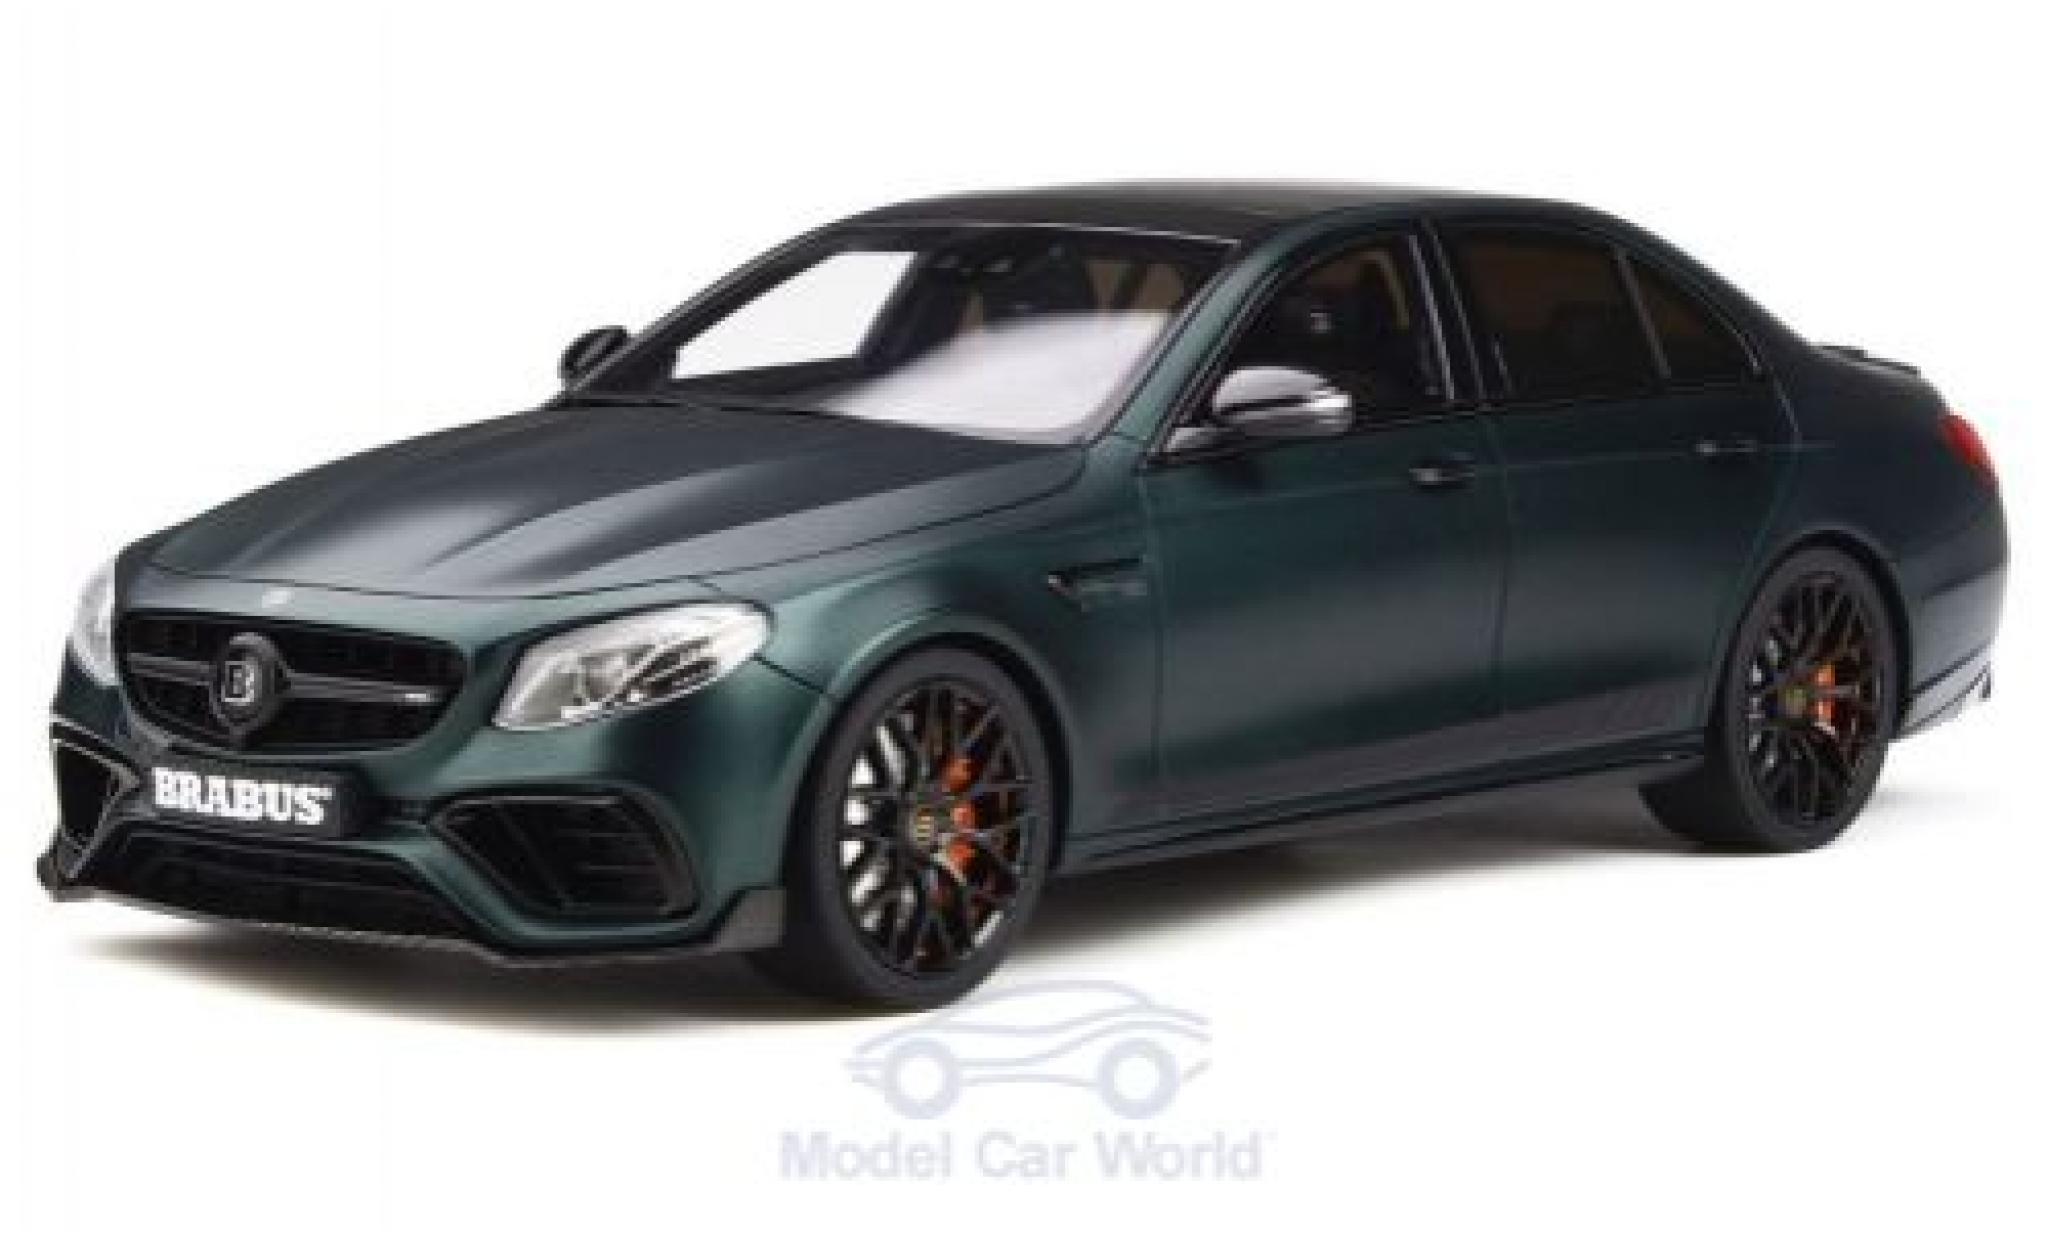 Mercedes Classe E 1/18 GT Spirit Brabus 800 matt-verte 2019 Basis E 63